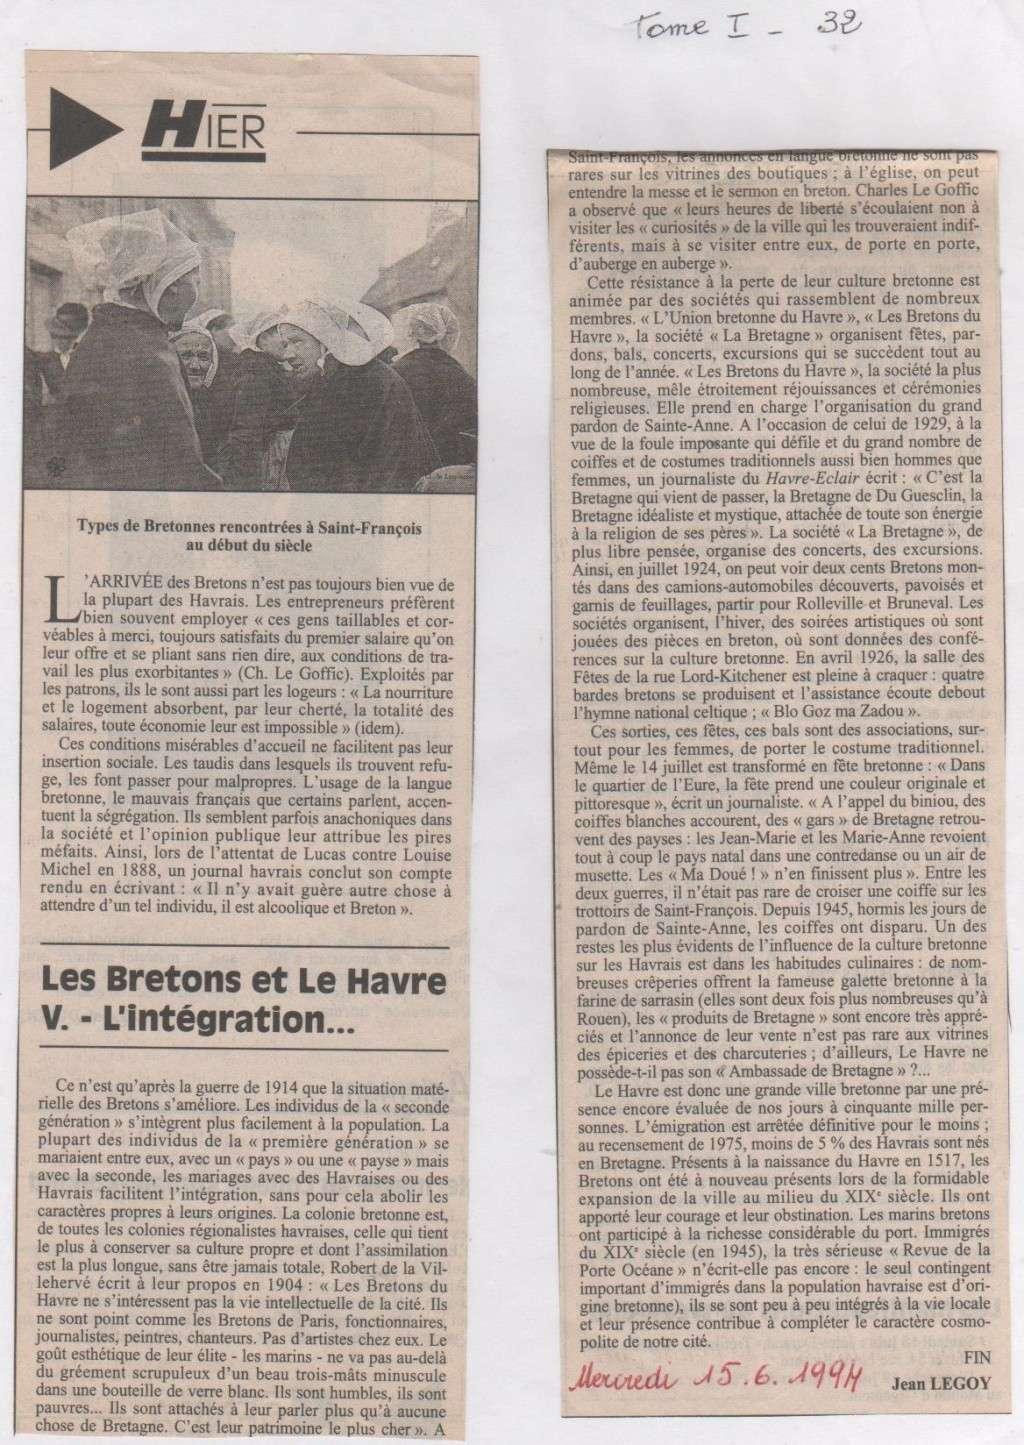 bléville - Hier, Le Havre par Jean LEGOY - Page 4 Les_br10